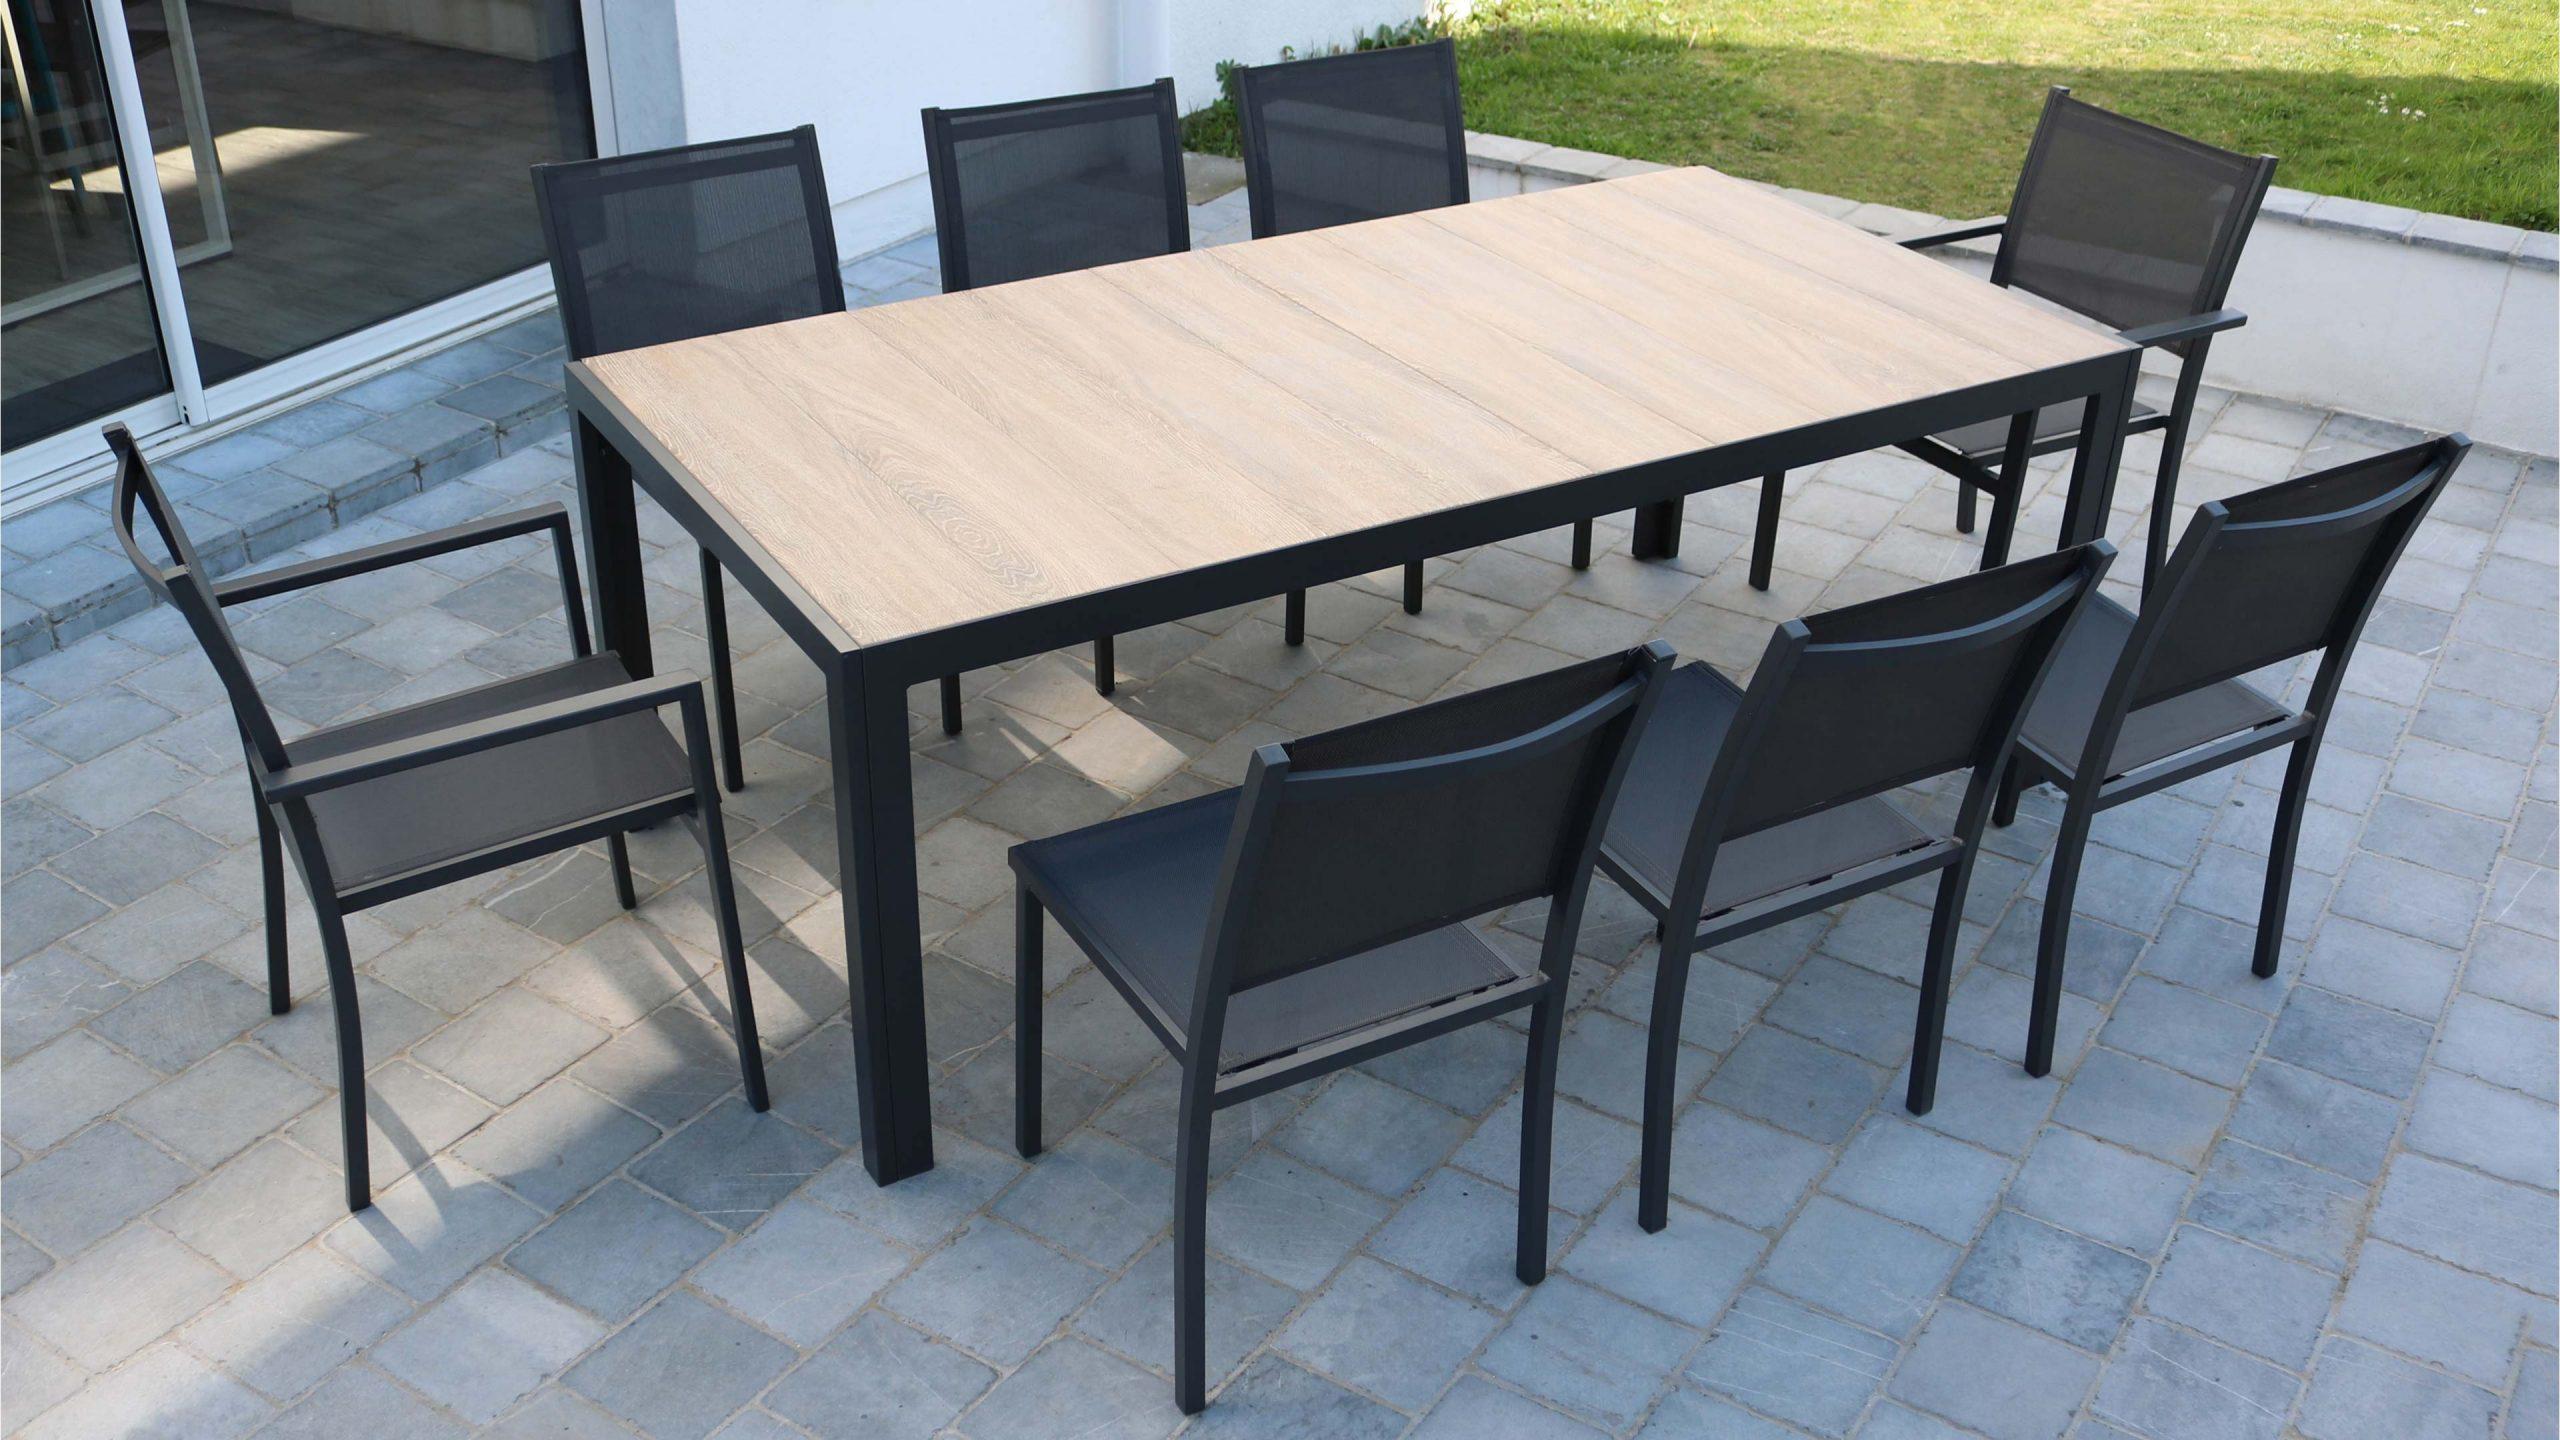 Table De Jardin 10 Places Aluminium Et Céramique | Oviala destiné Table Jardin 10 Personnes